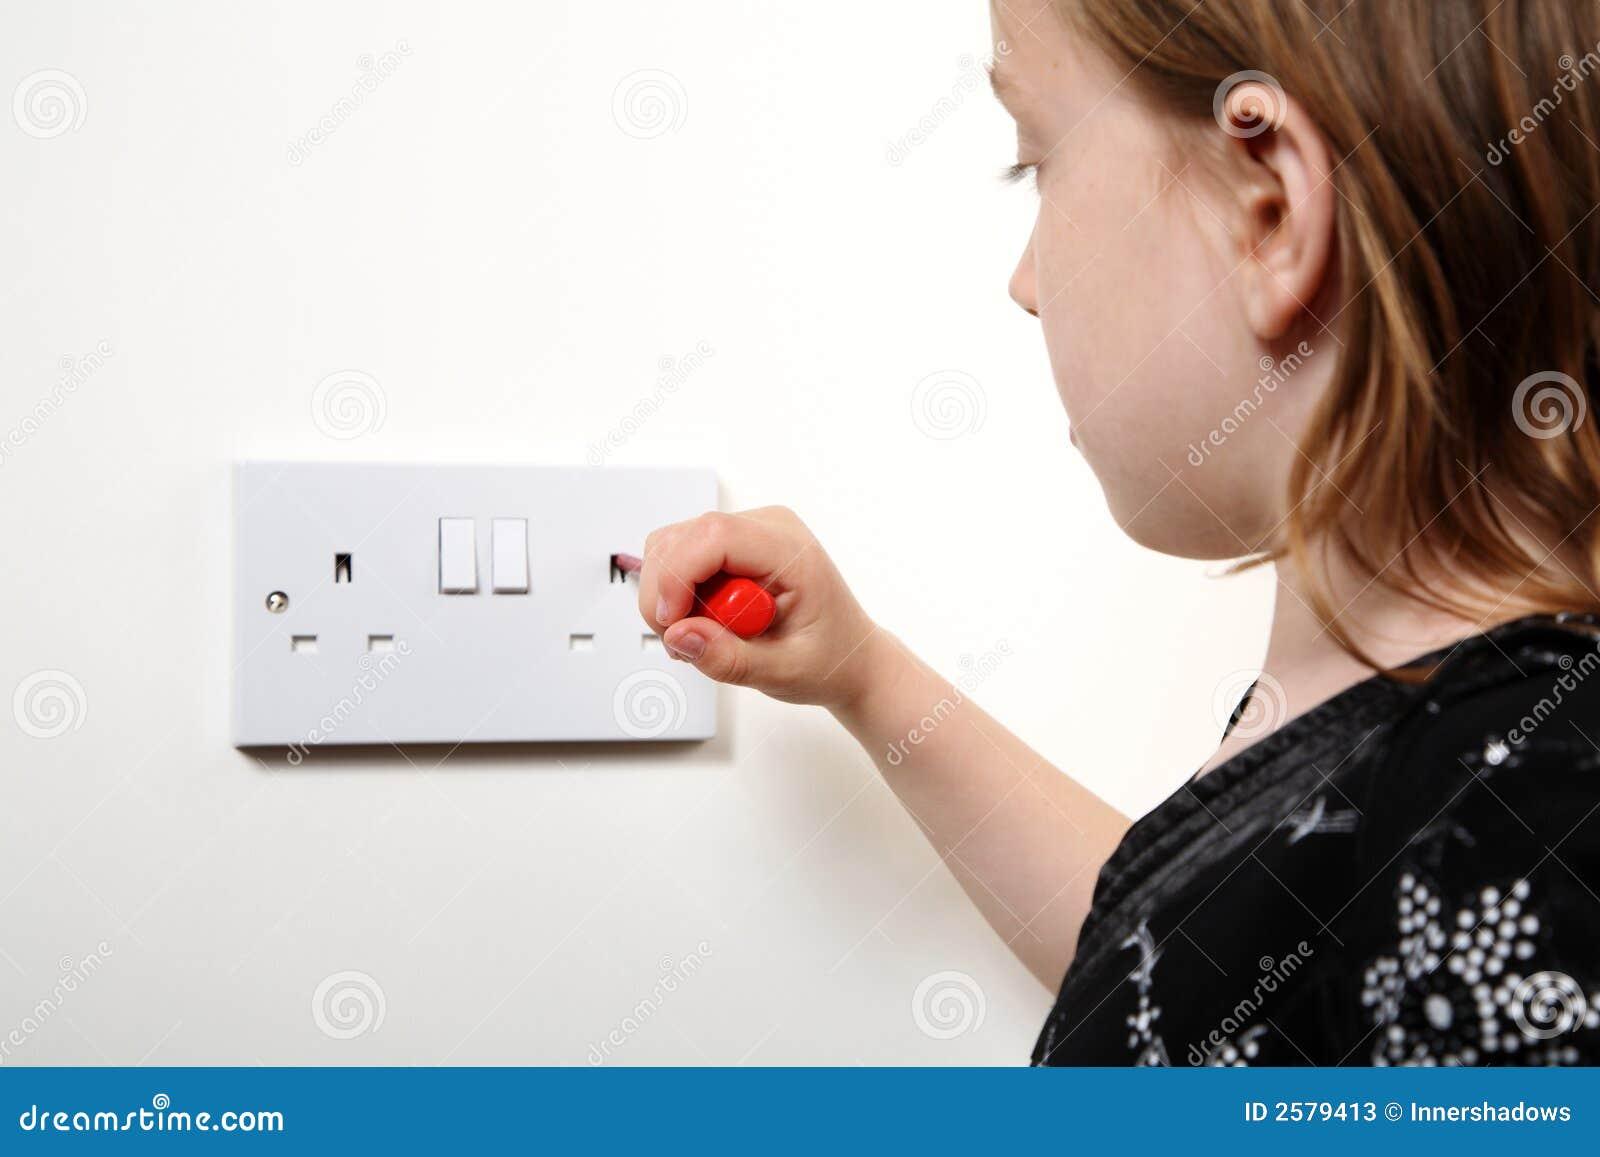 Elektrische schok